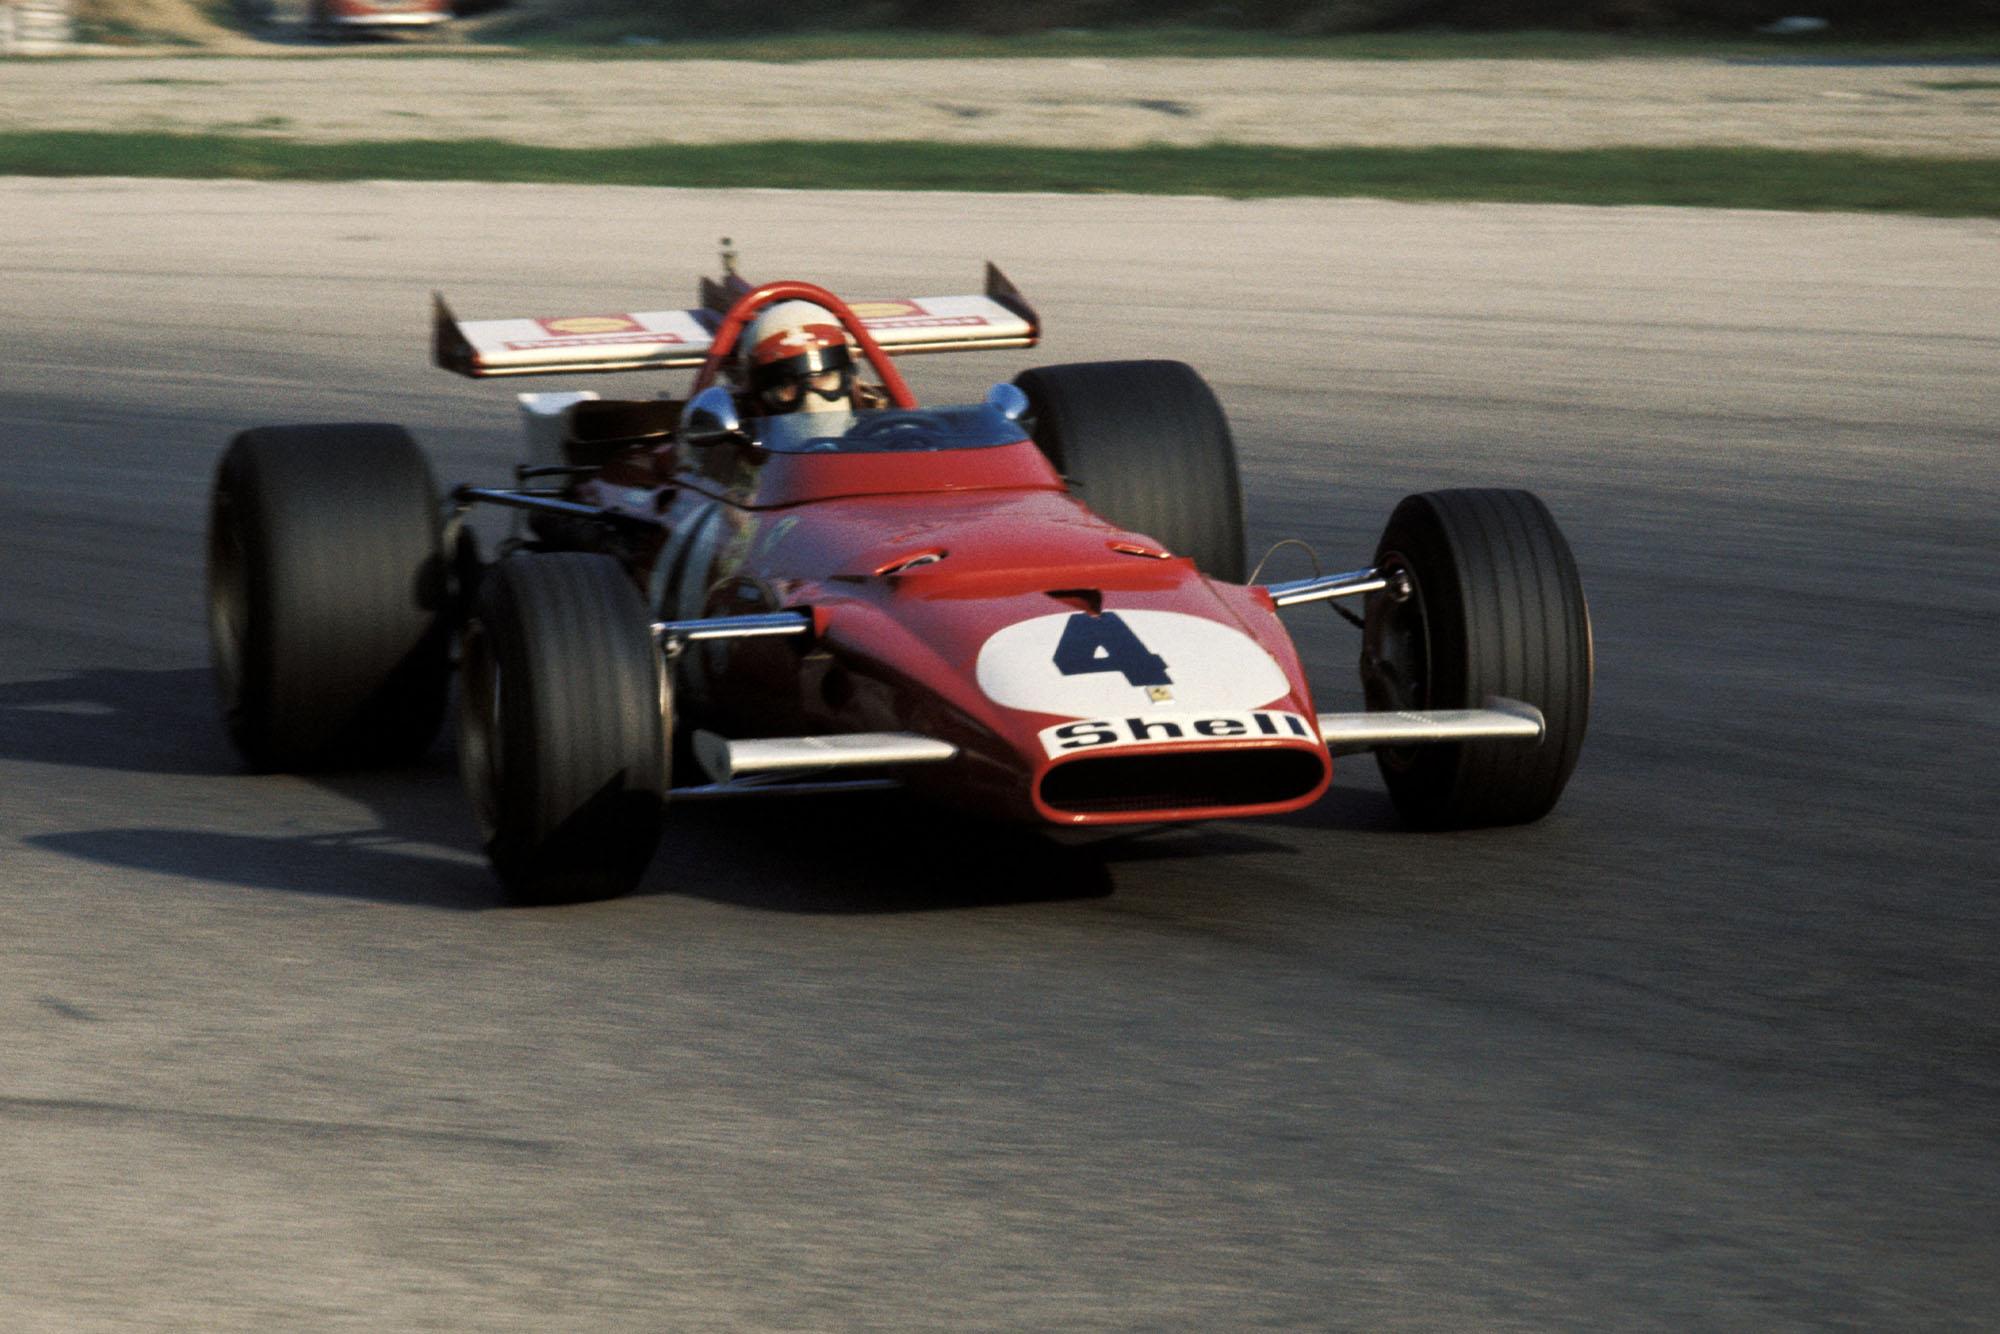 Clay Regazonni driving for Ferrari at the 1970 Italian Grand Prix